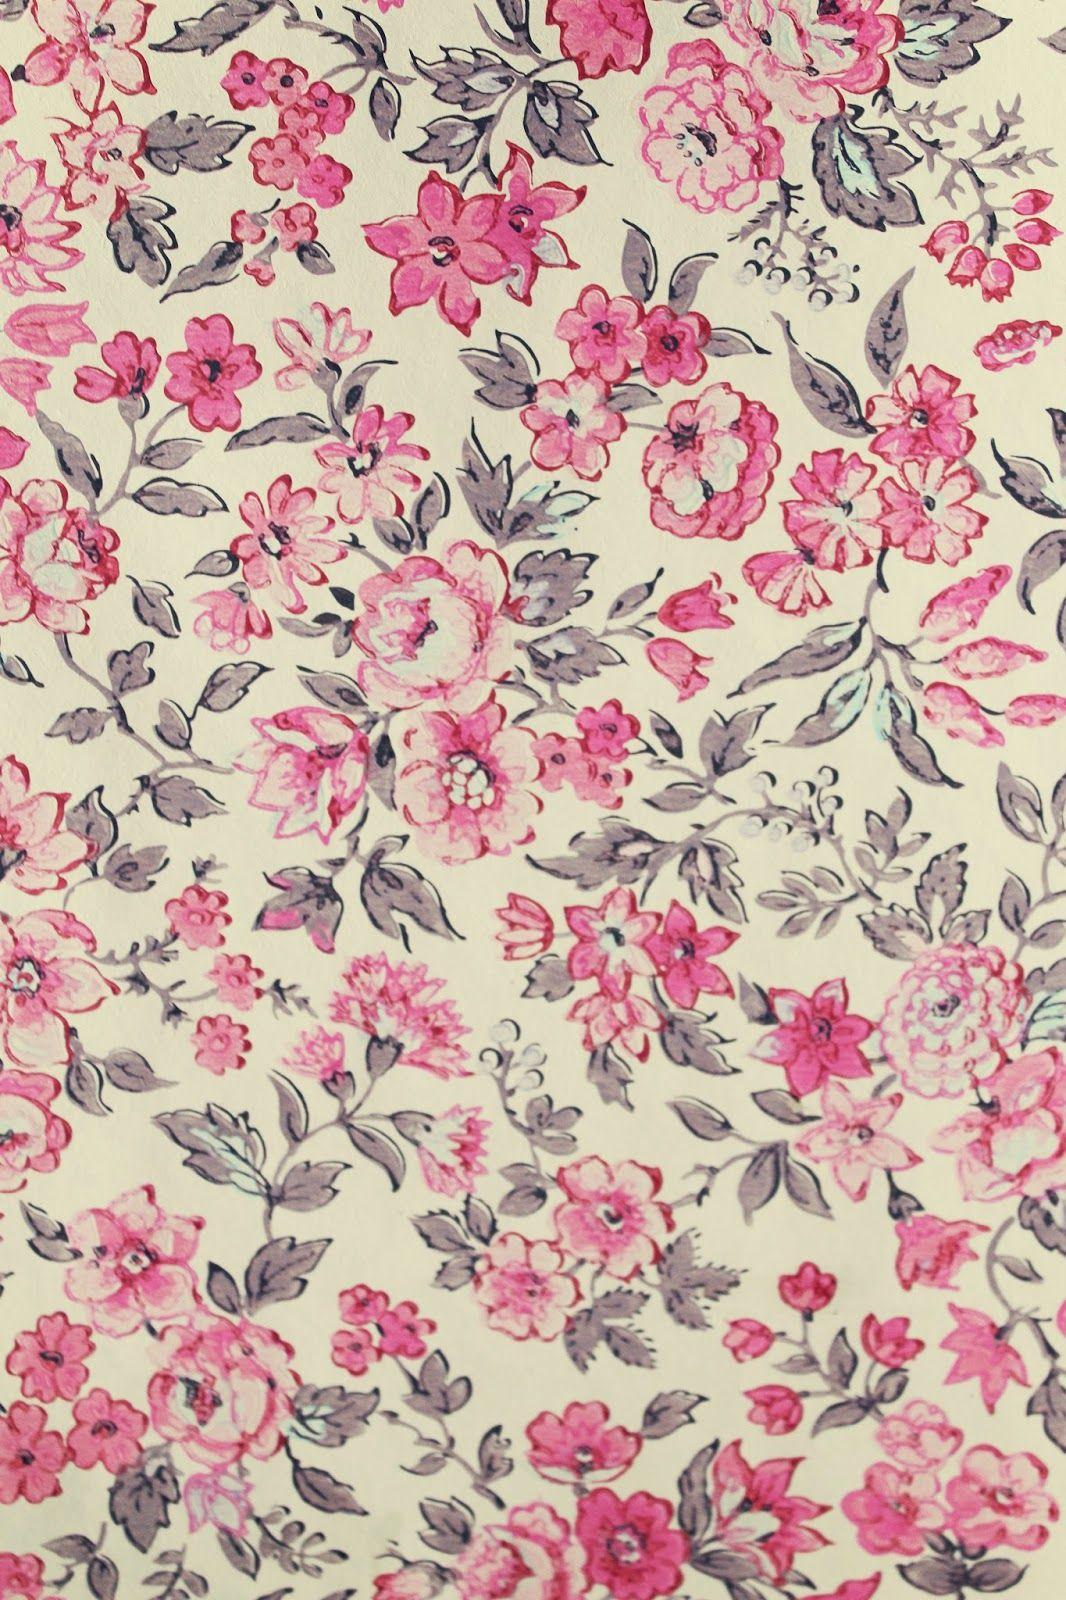 Vintage Floral Wallpaper The Villa On Mount Pleasant Tapices Florales De Epoca Fondo De Pantalla De Flores Vintage Fondo De Pantalla Rosado Para Iphone